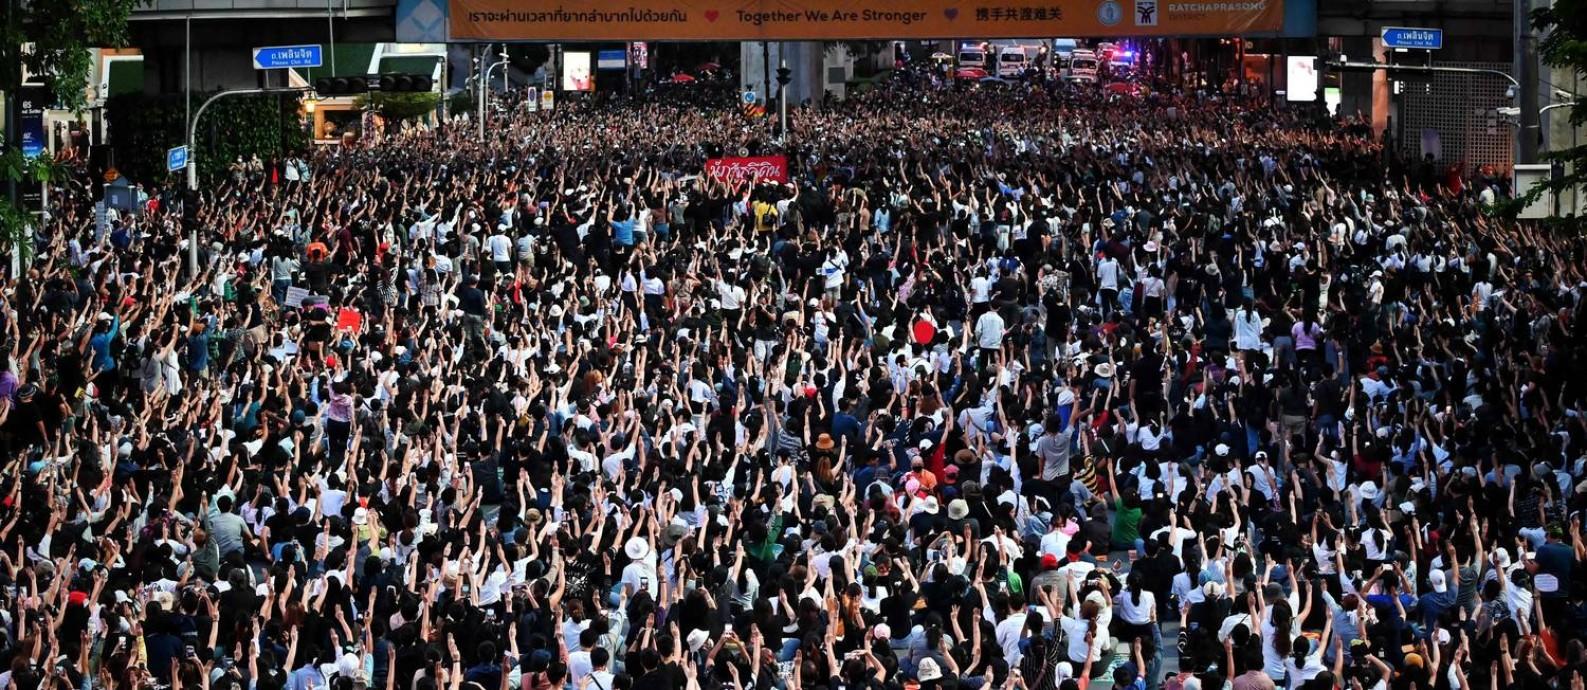 Manifestantes na Tailândia desafiam estado de emergência anunciado pelo governo e ocupam rua da capital Bangcoc Foto: LILLIAN SUWANRUMPHA / AFP